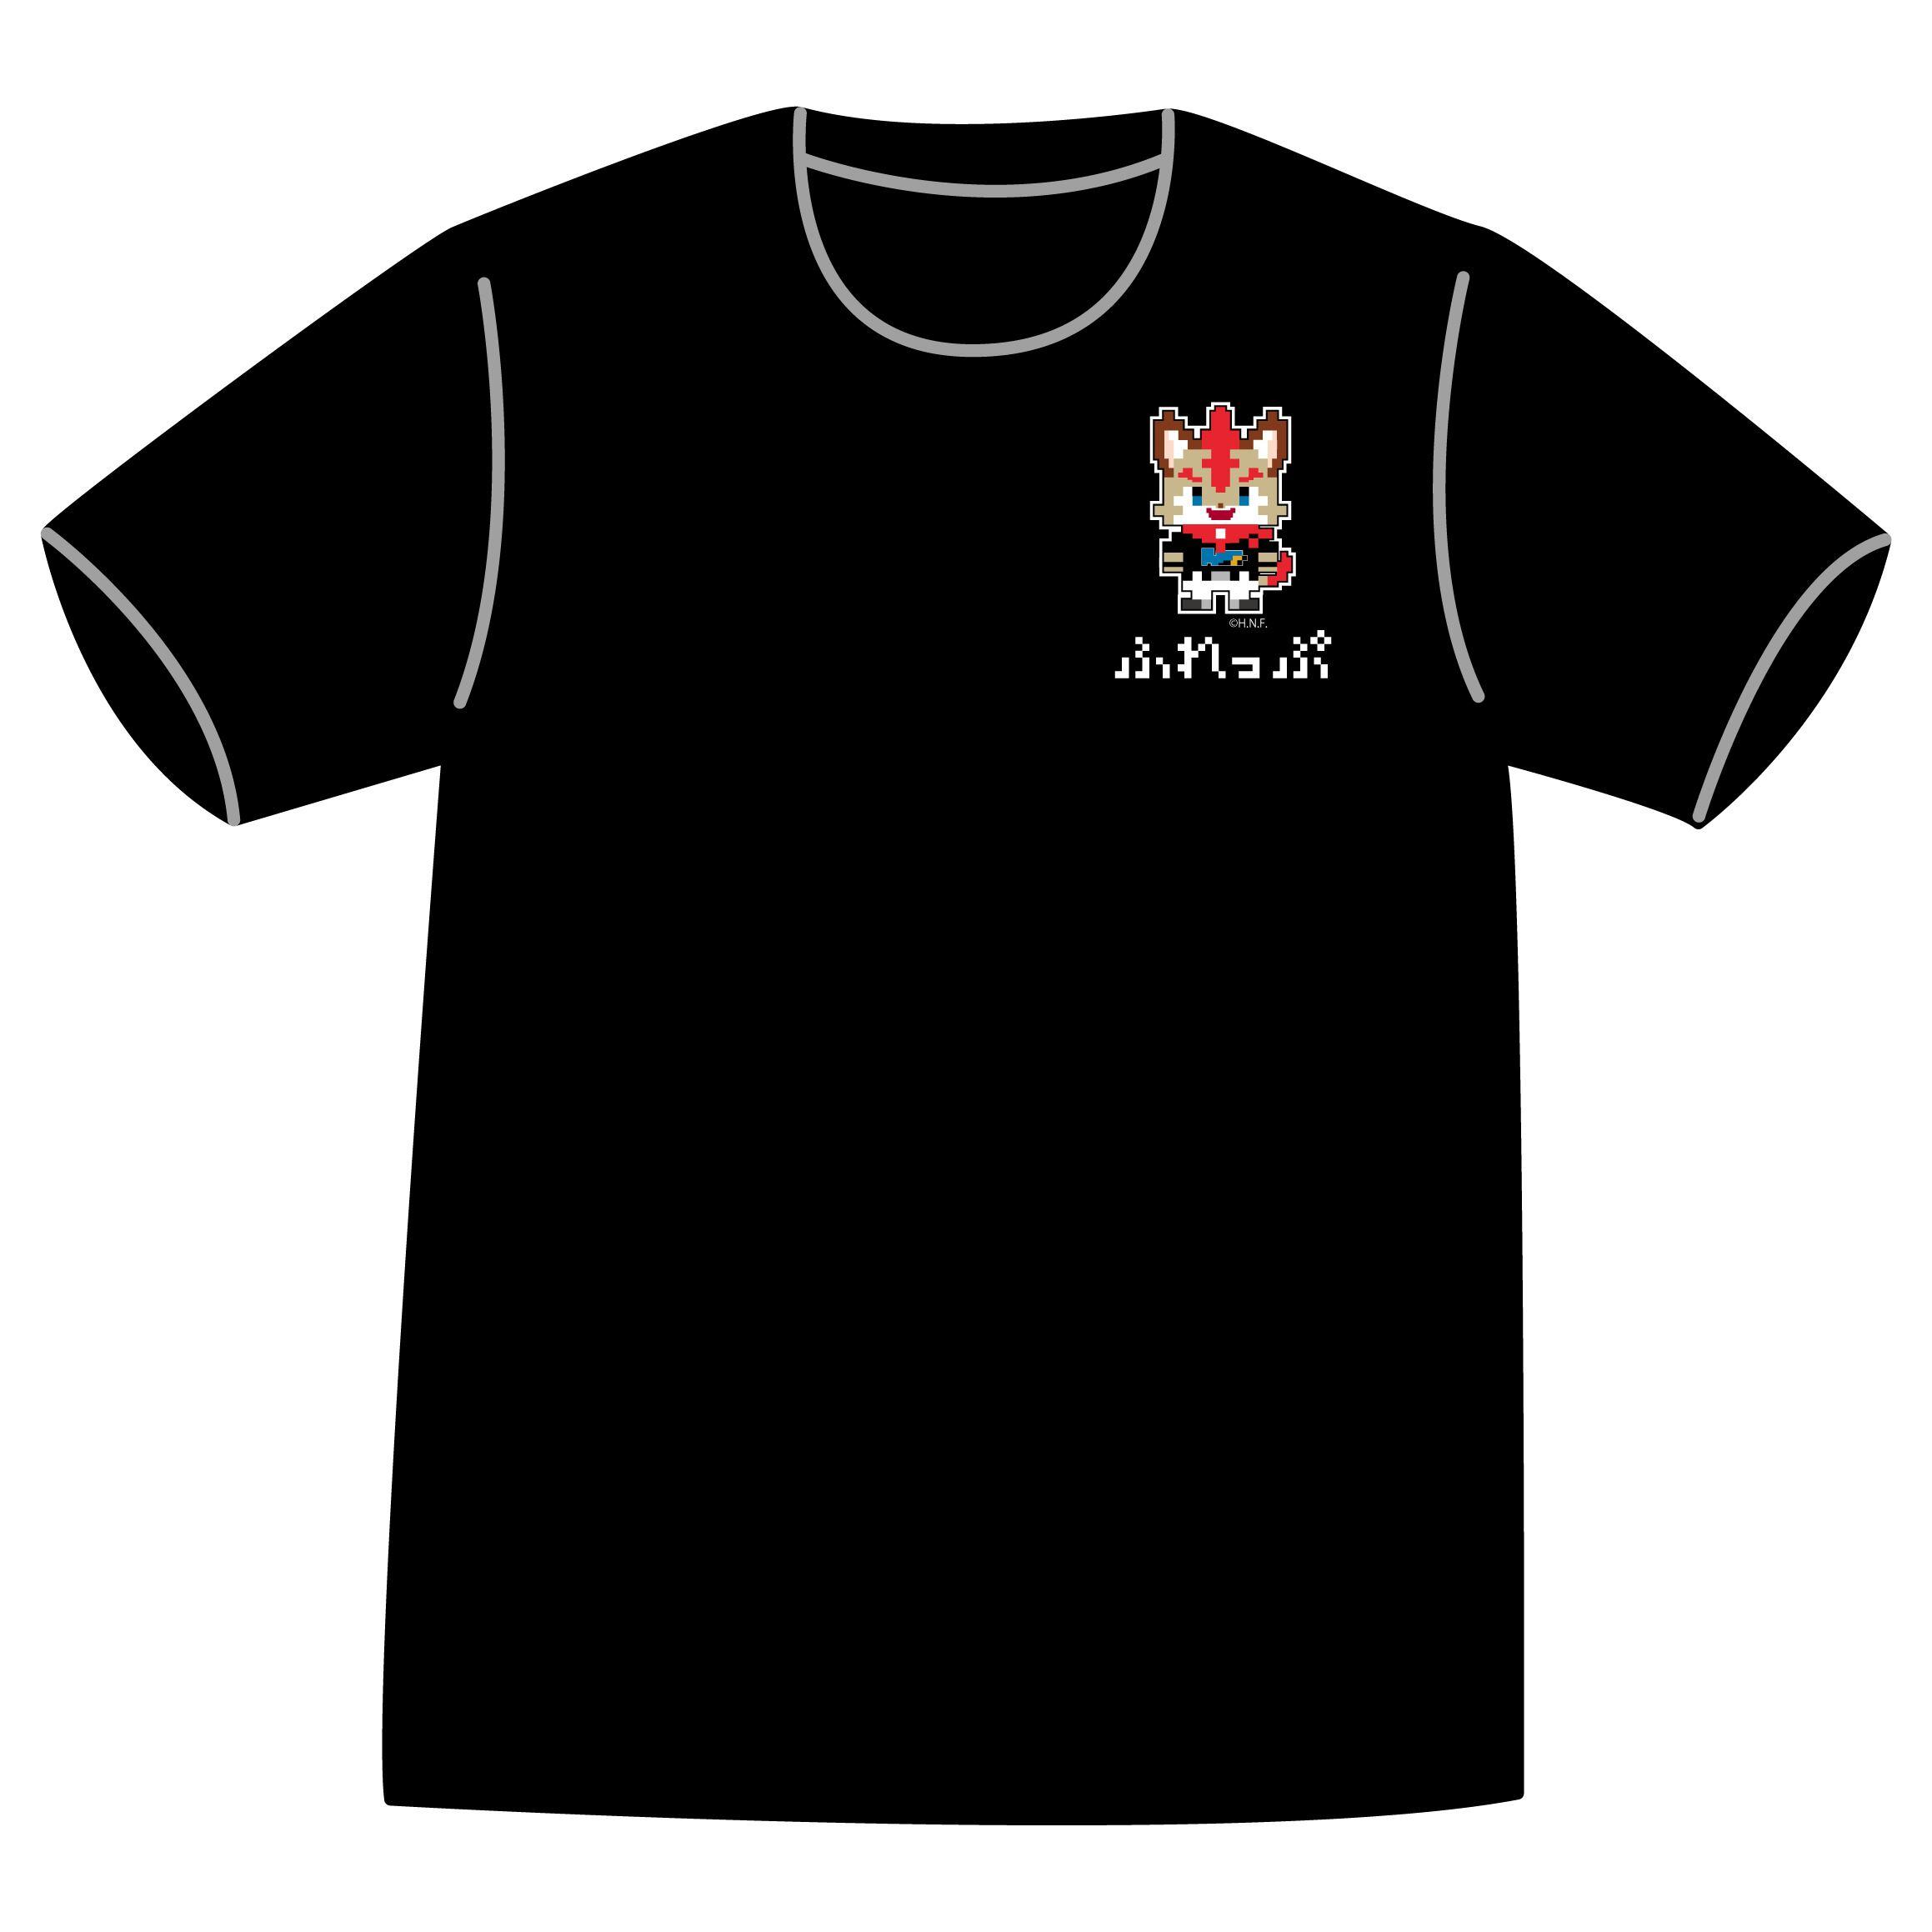 ドットファイターズ 「 ふれっぷ 」 Tシャツ ブラック